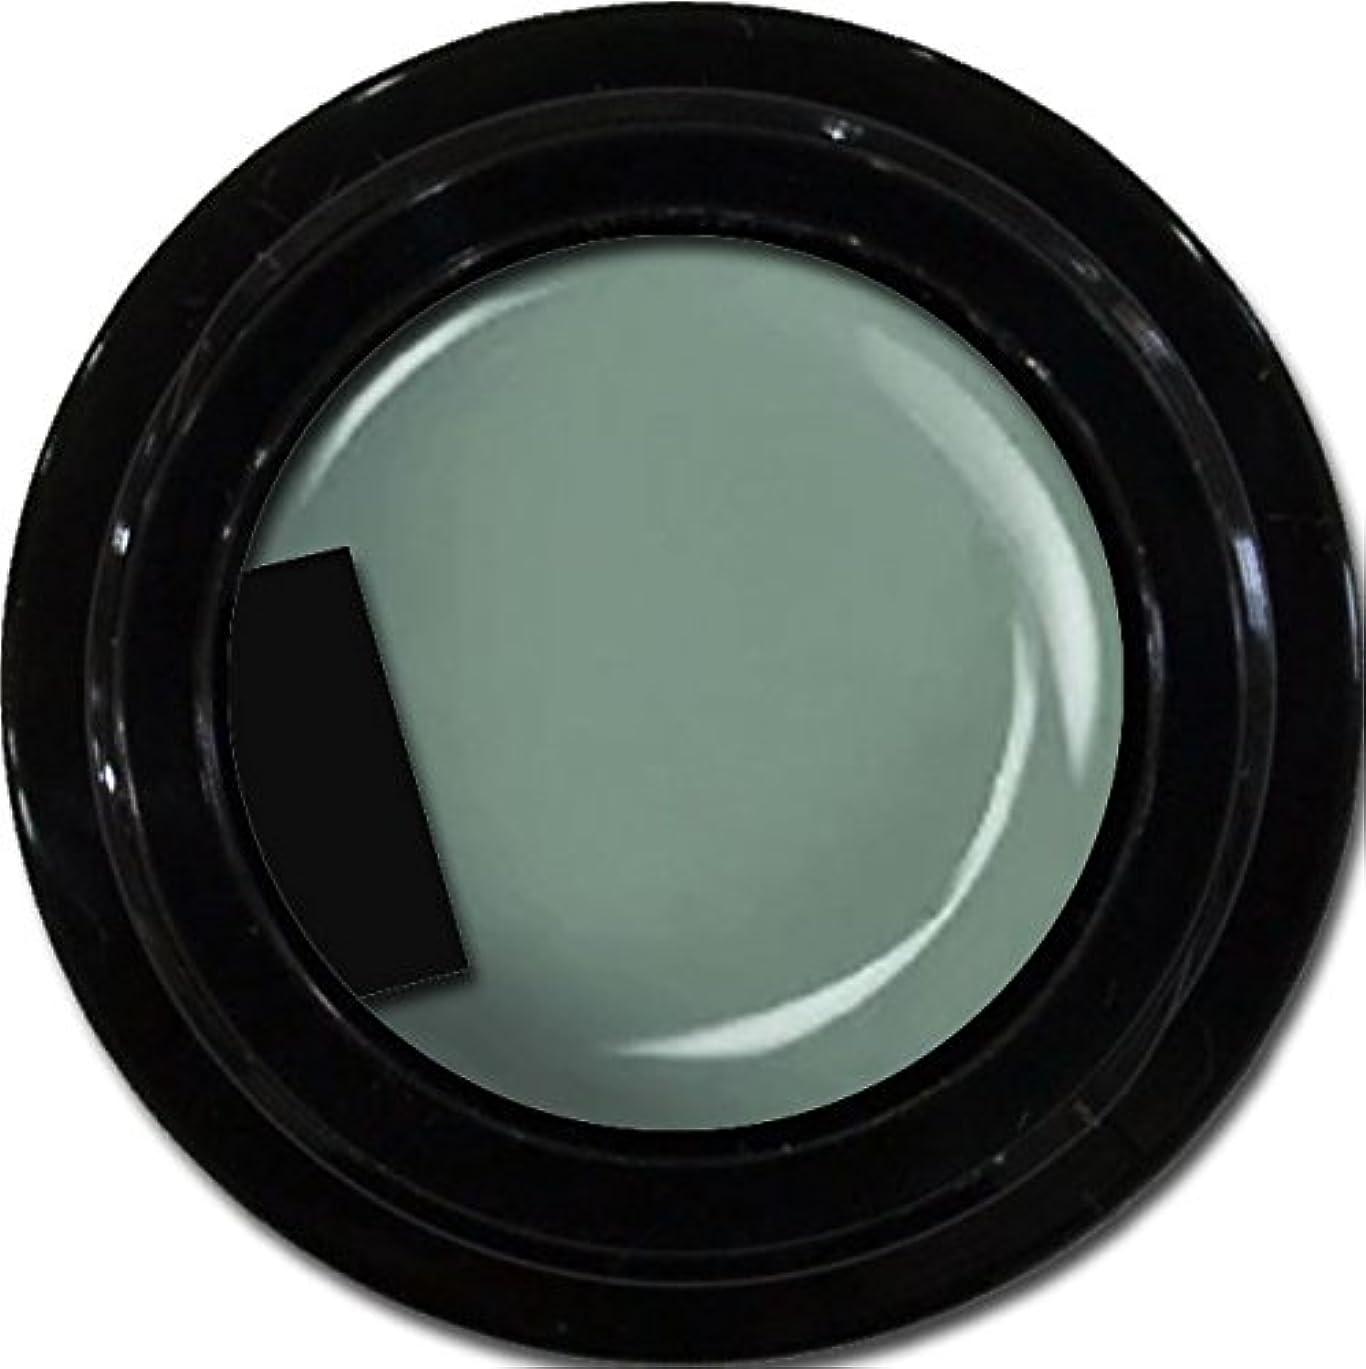 苦味しみヘビーカラージェル enchant color gel M716 Khaki 3g/ マットカラージェル M716 カーキー 3グラム